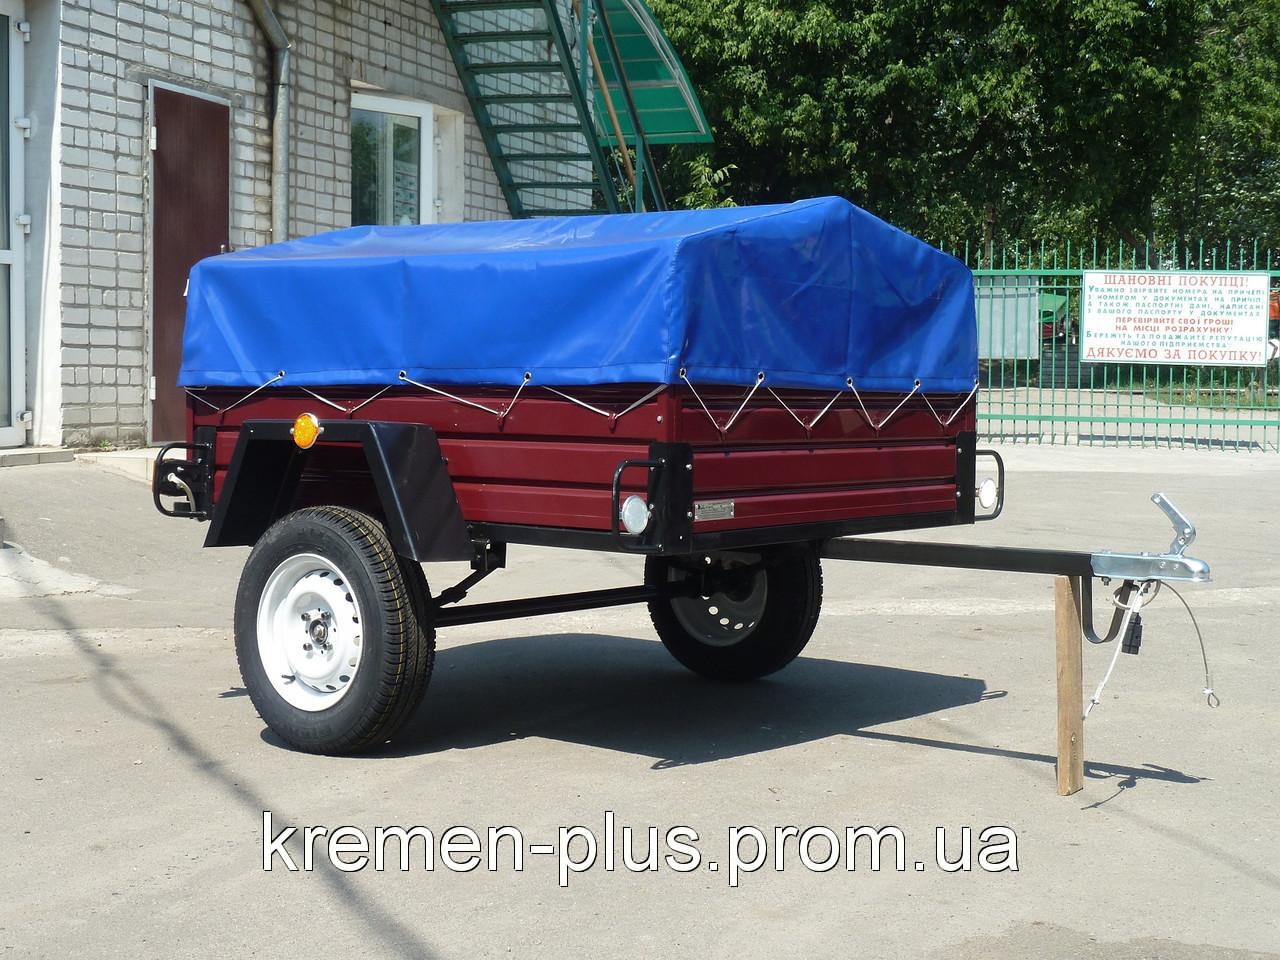 Продам одноосный легковой прицеп в Черкассах для автомобиля